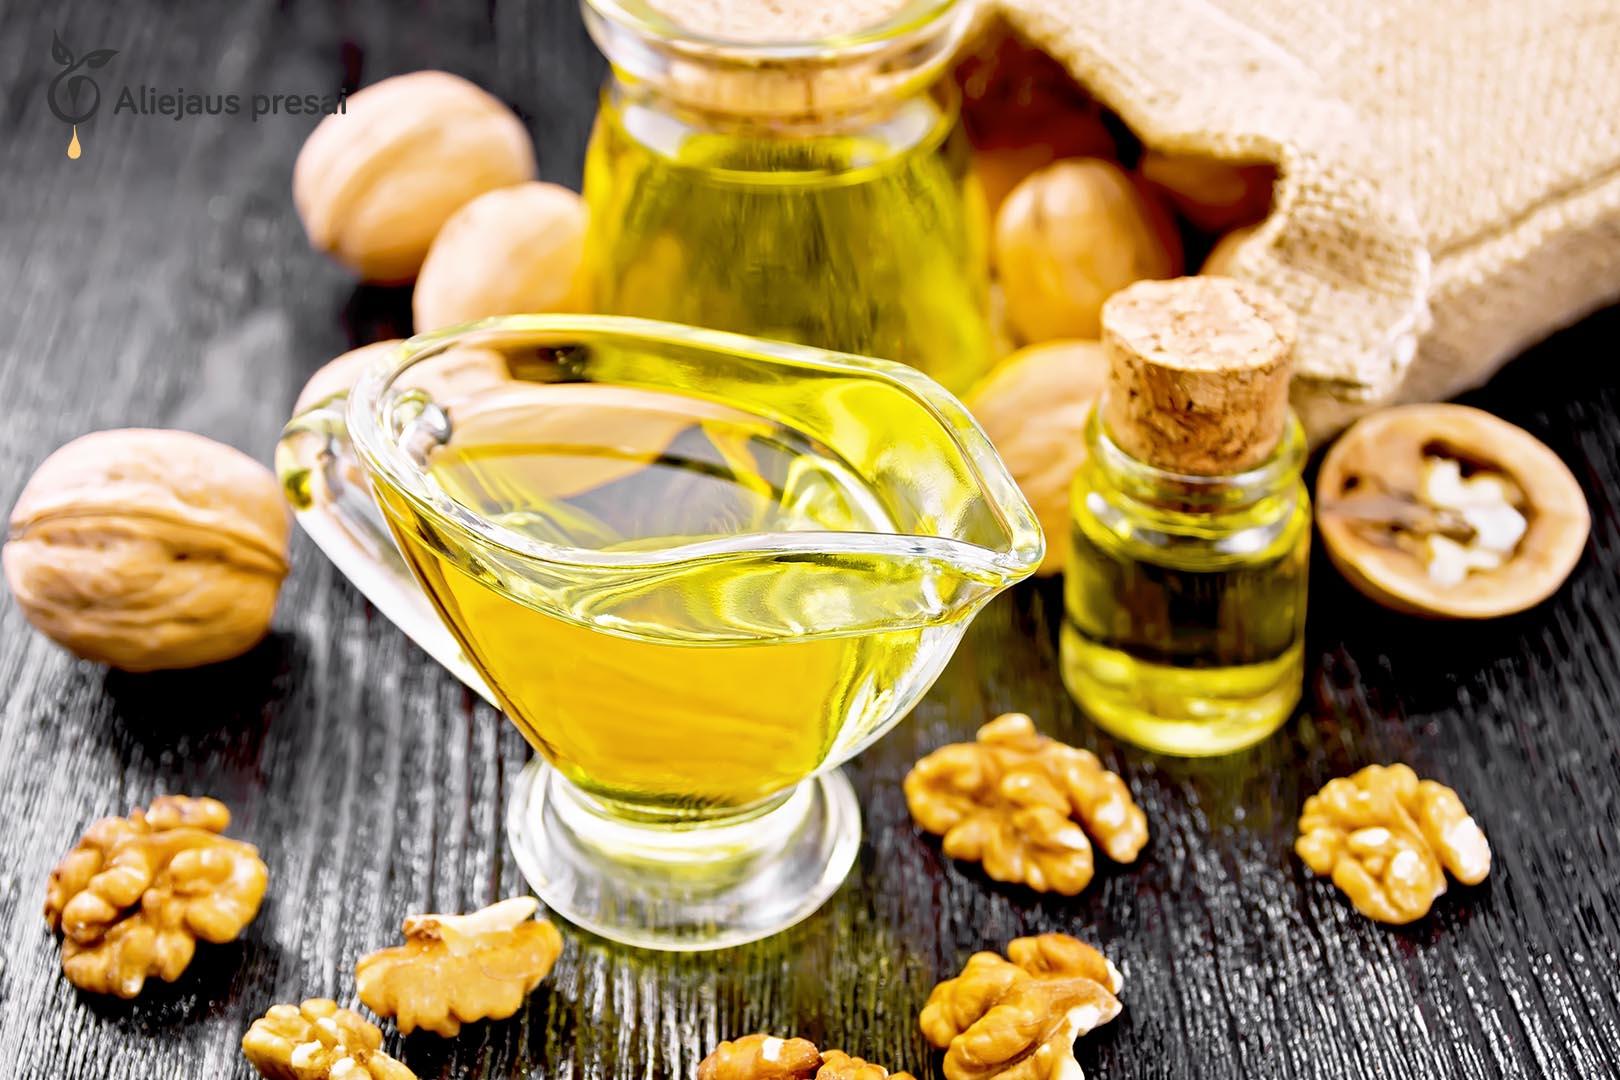 Šalto spaudimo graikinių riešutų aliejus